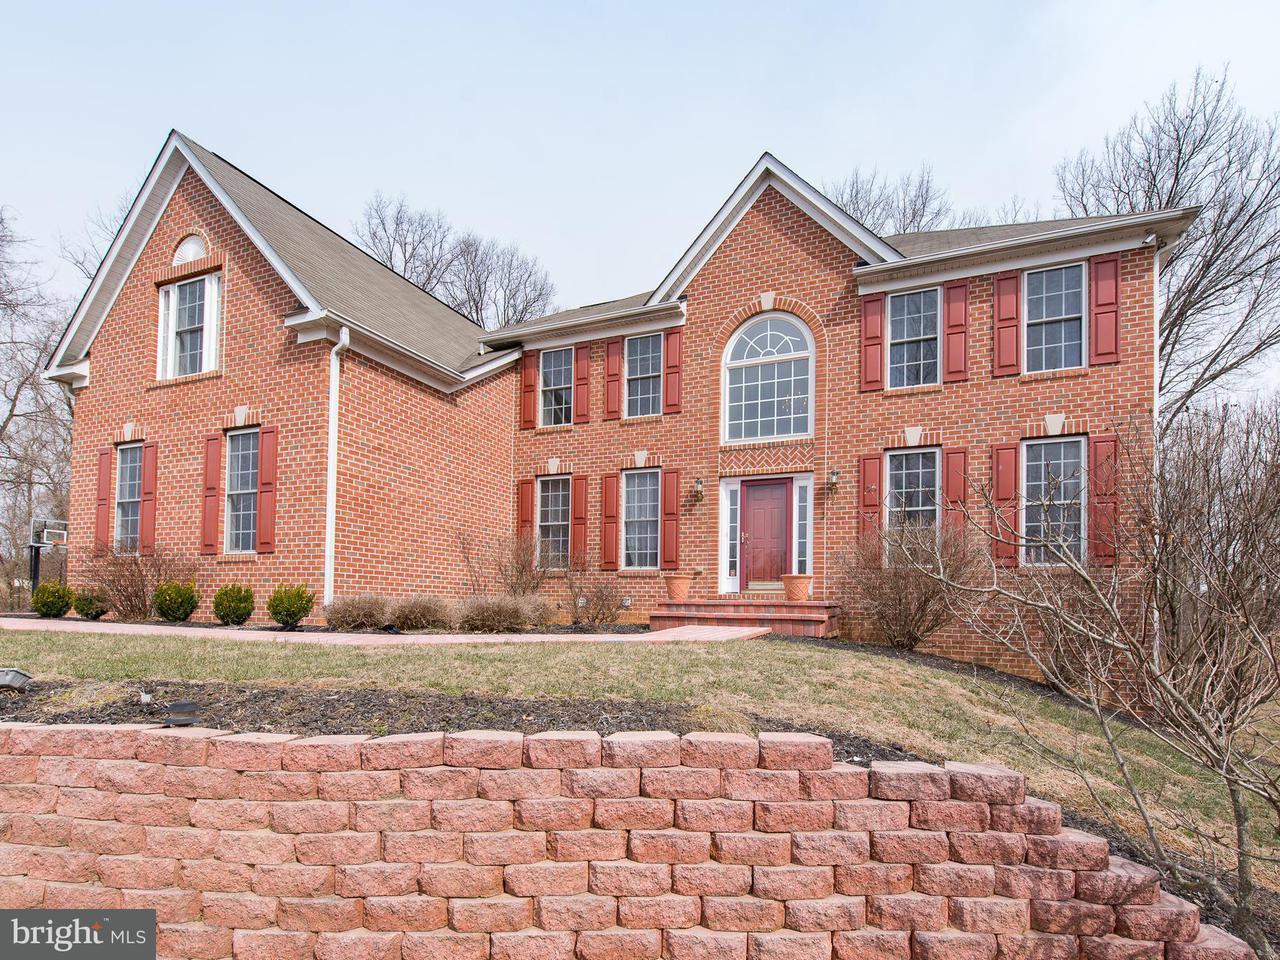 Μονοκατοικία για την Πώληση στο 9319 Migan Road 9319 Migan Road Randallstown, Μεριλαντ 21133 Ηνωμενεσ Πολιτειεσ